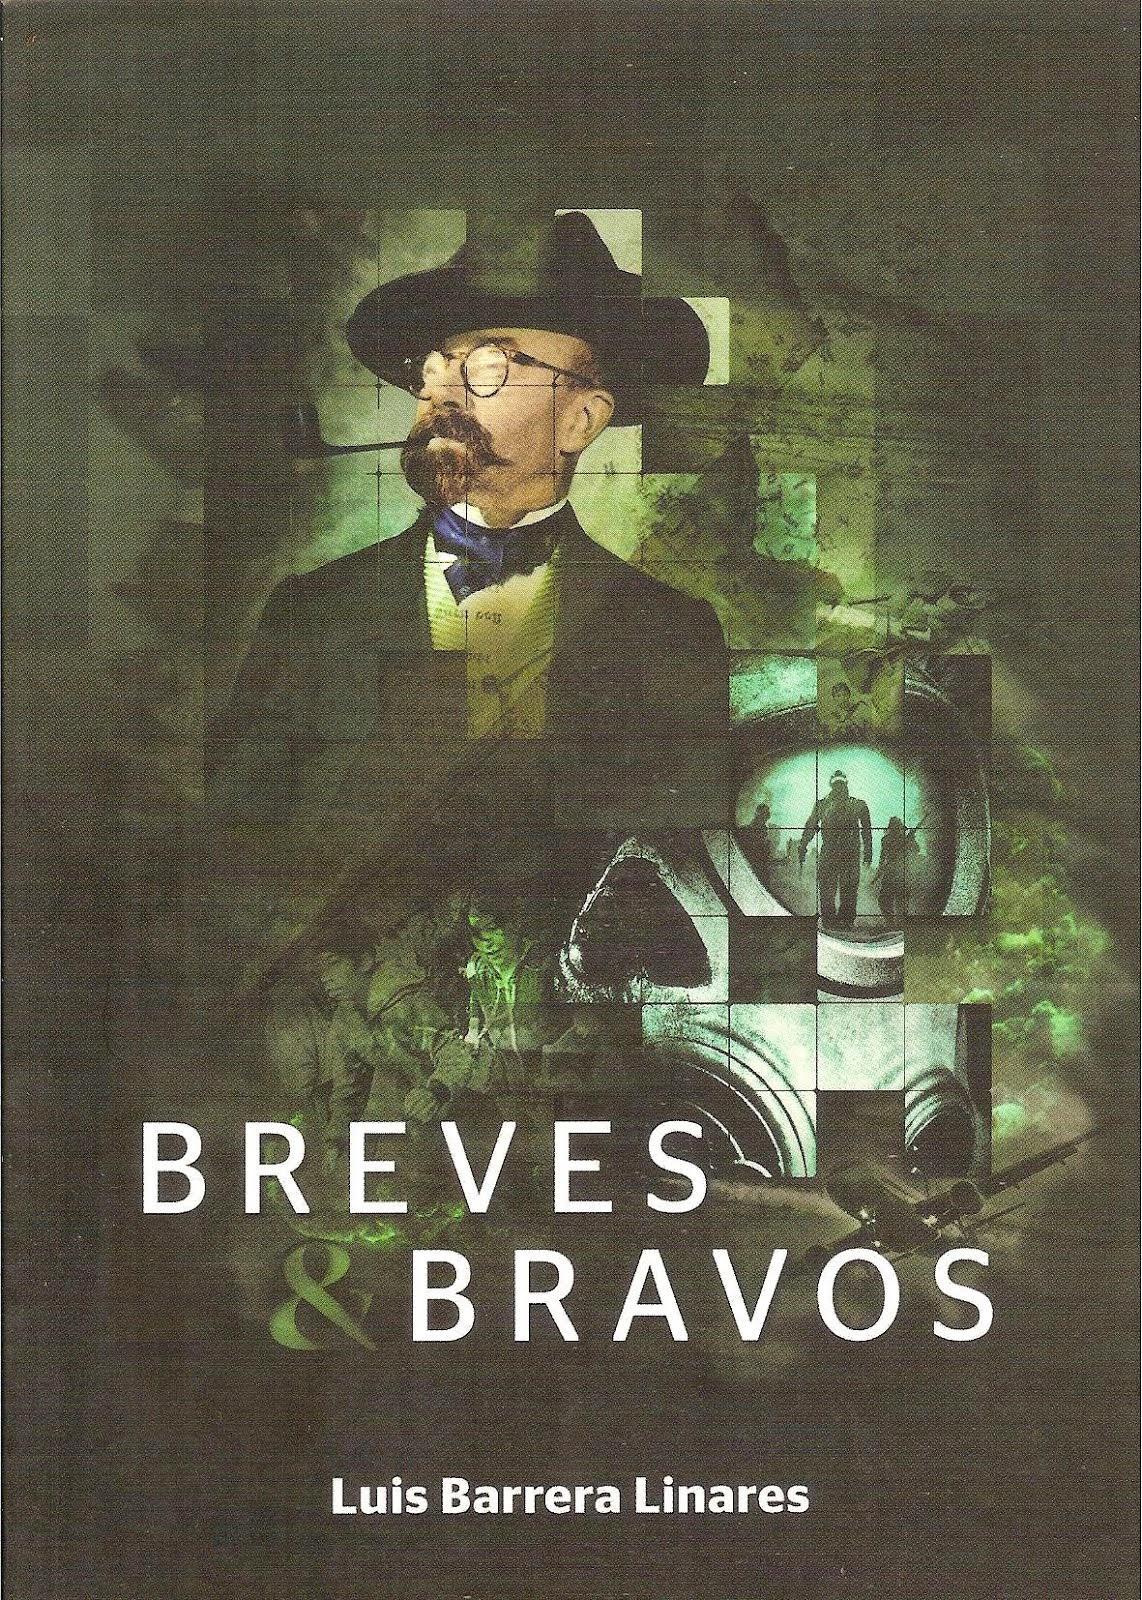 Cuentos BREVES y BRAVOS (2014) Edit. Lector Cómplice